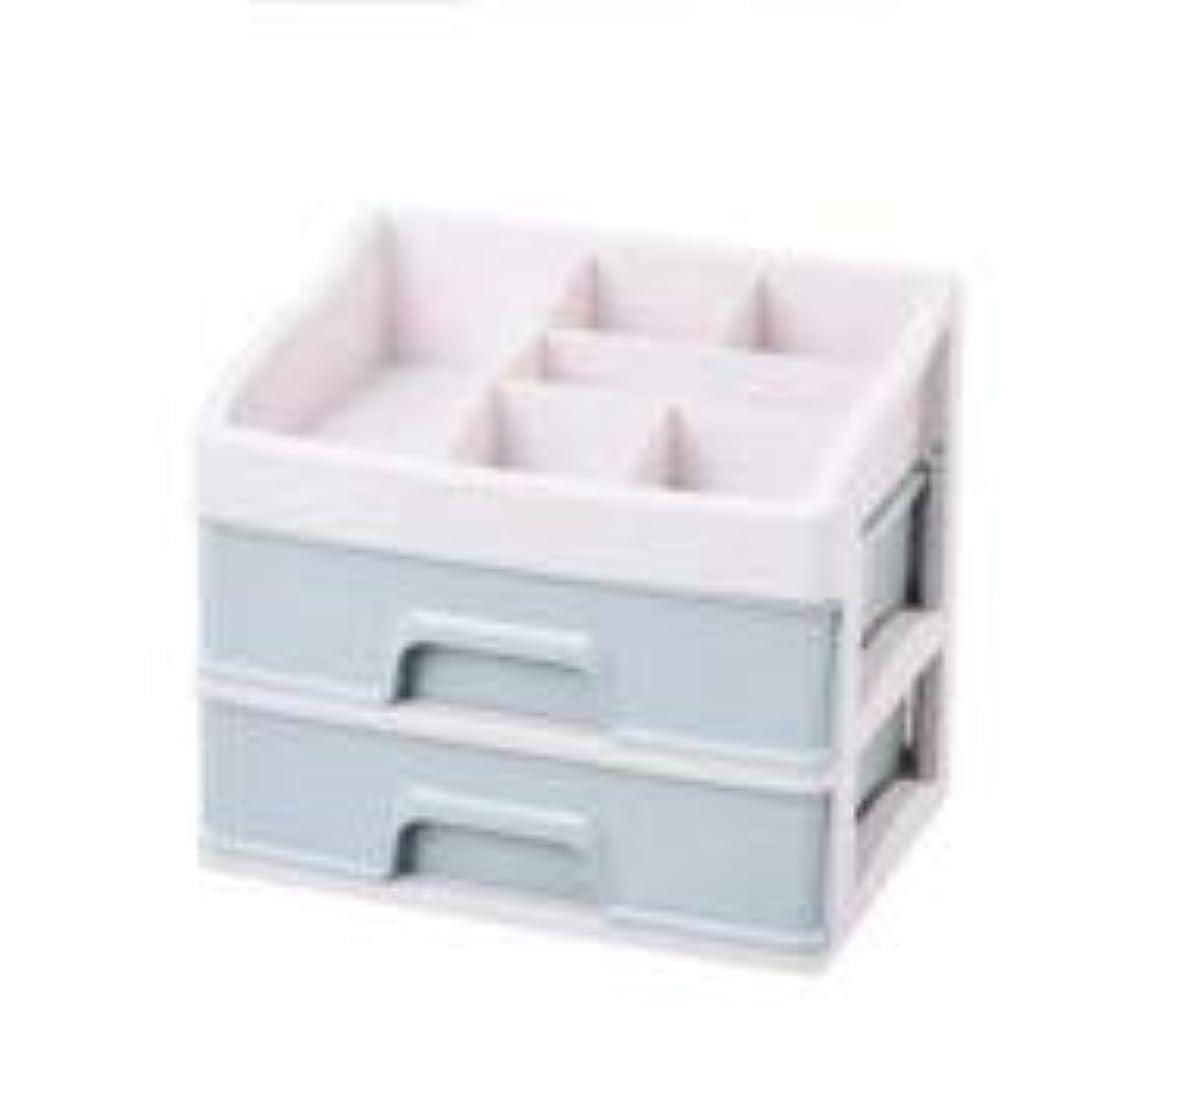 鈍い新鮮な適応的化粧品収納ボックス引き出しデスクトップ収納ラック化粧台化粧品ケーススキンケア製品 (Size : M)